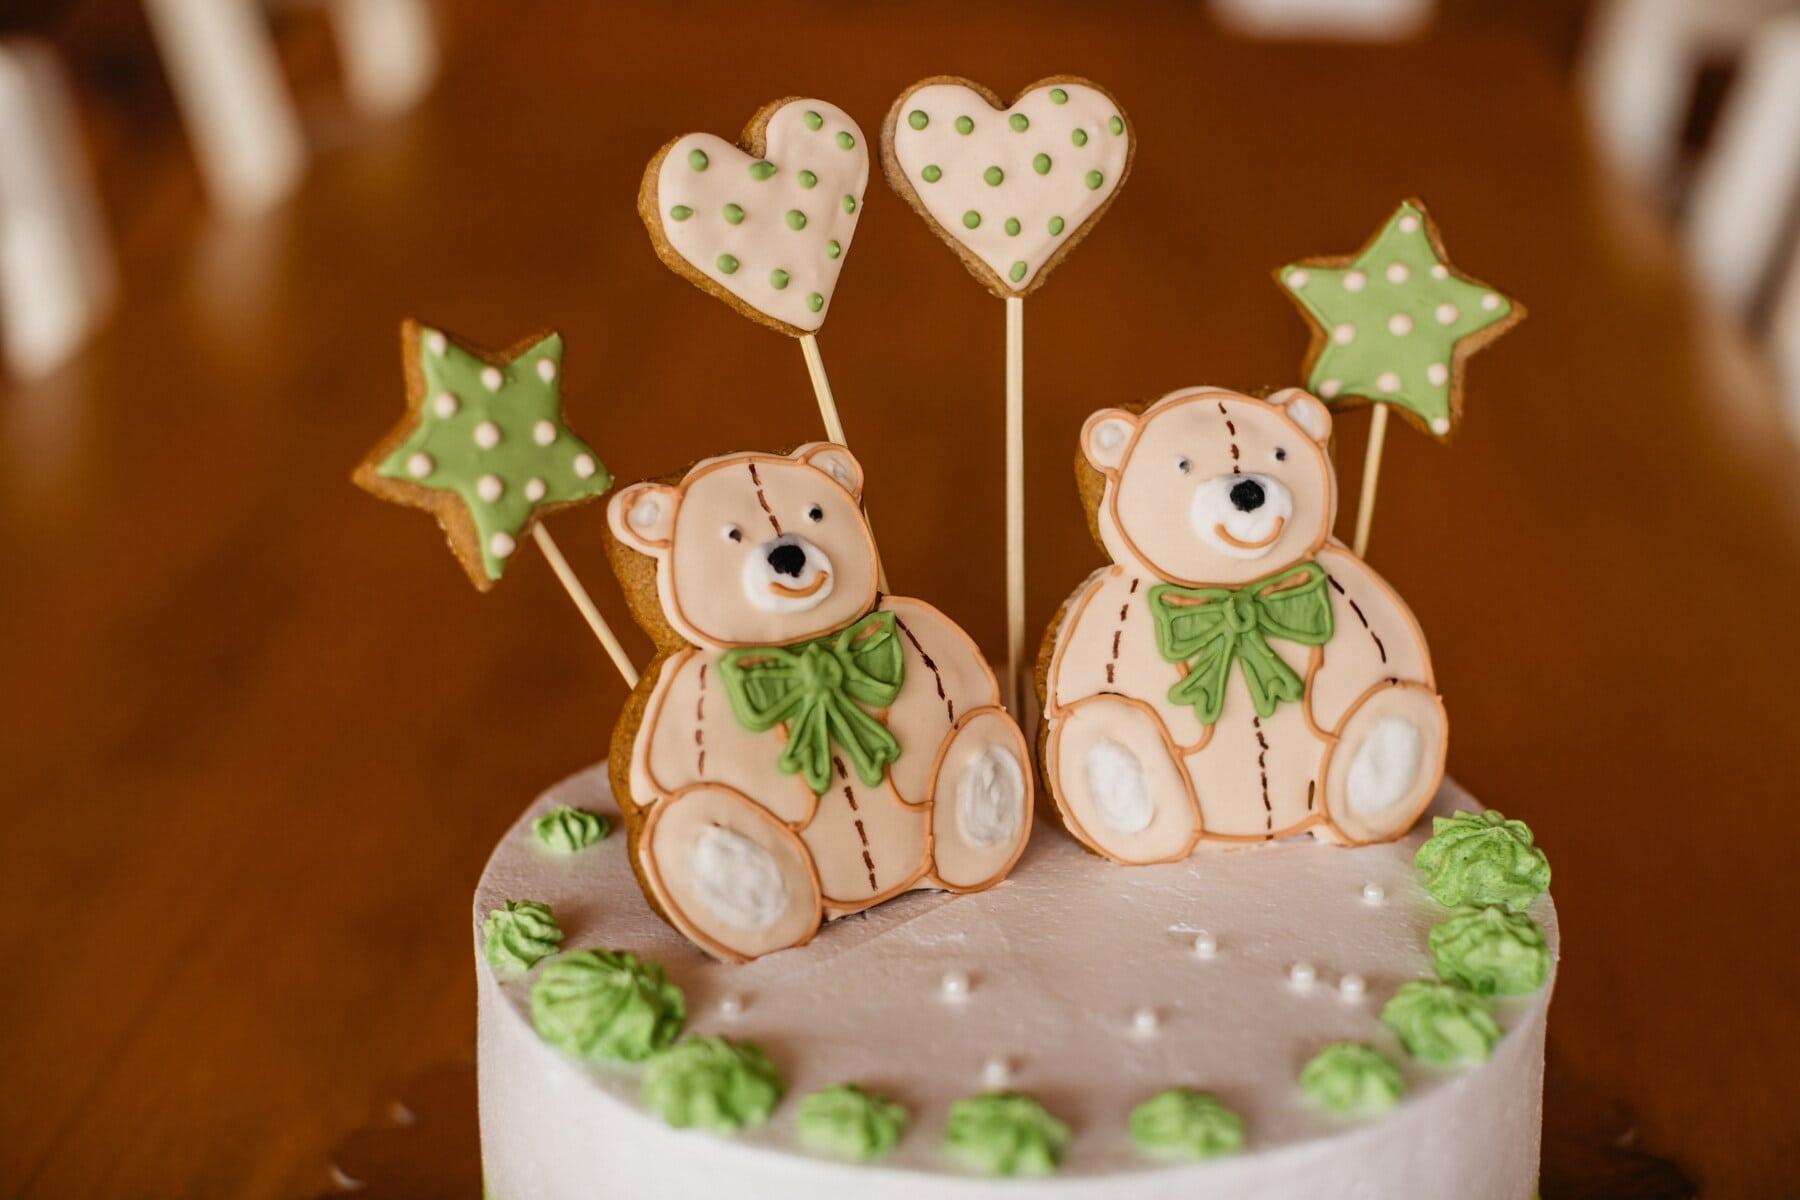 เค้กวันเกิด, วันเกิด, ตุ๊กตาหมีของเล่น, เค้ก, หัวใจ, ดาว, ตกแต่ง, น้ำตาล, โฮมเมด, ไม้